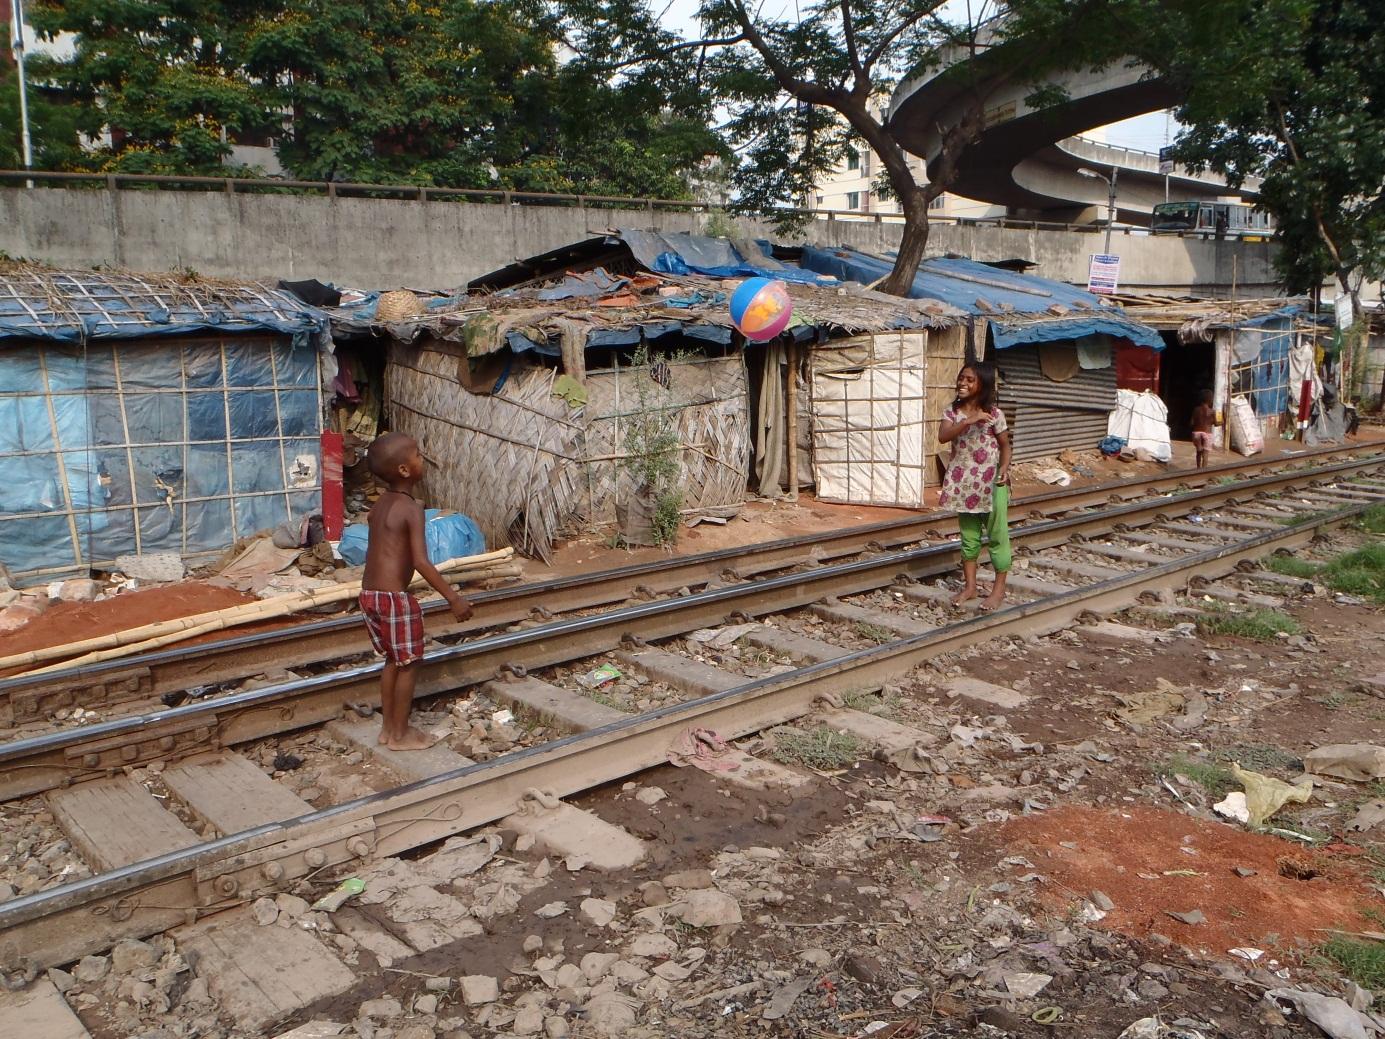 Der Spielplatz dieser Kinder im Slum Kilgoan 2 sind ebenfalls die Bahngeleise